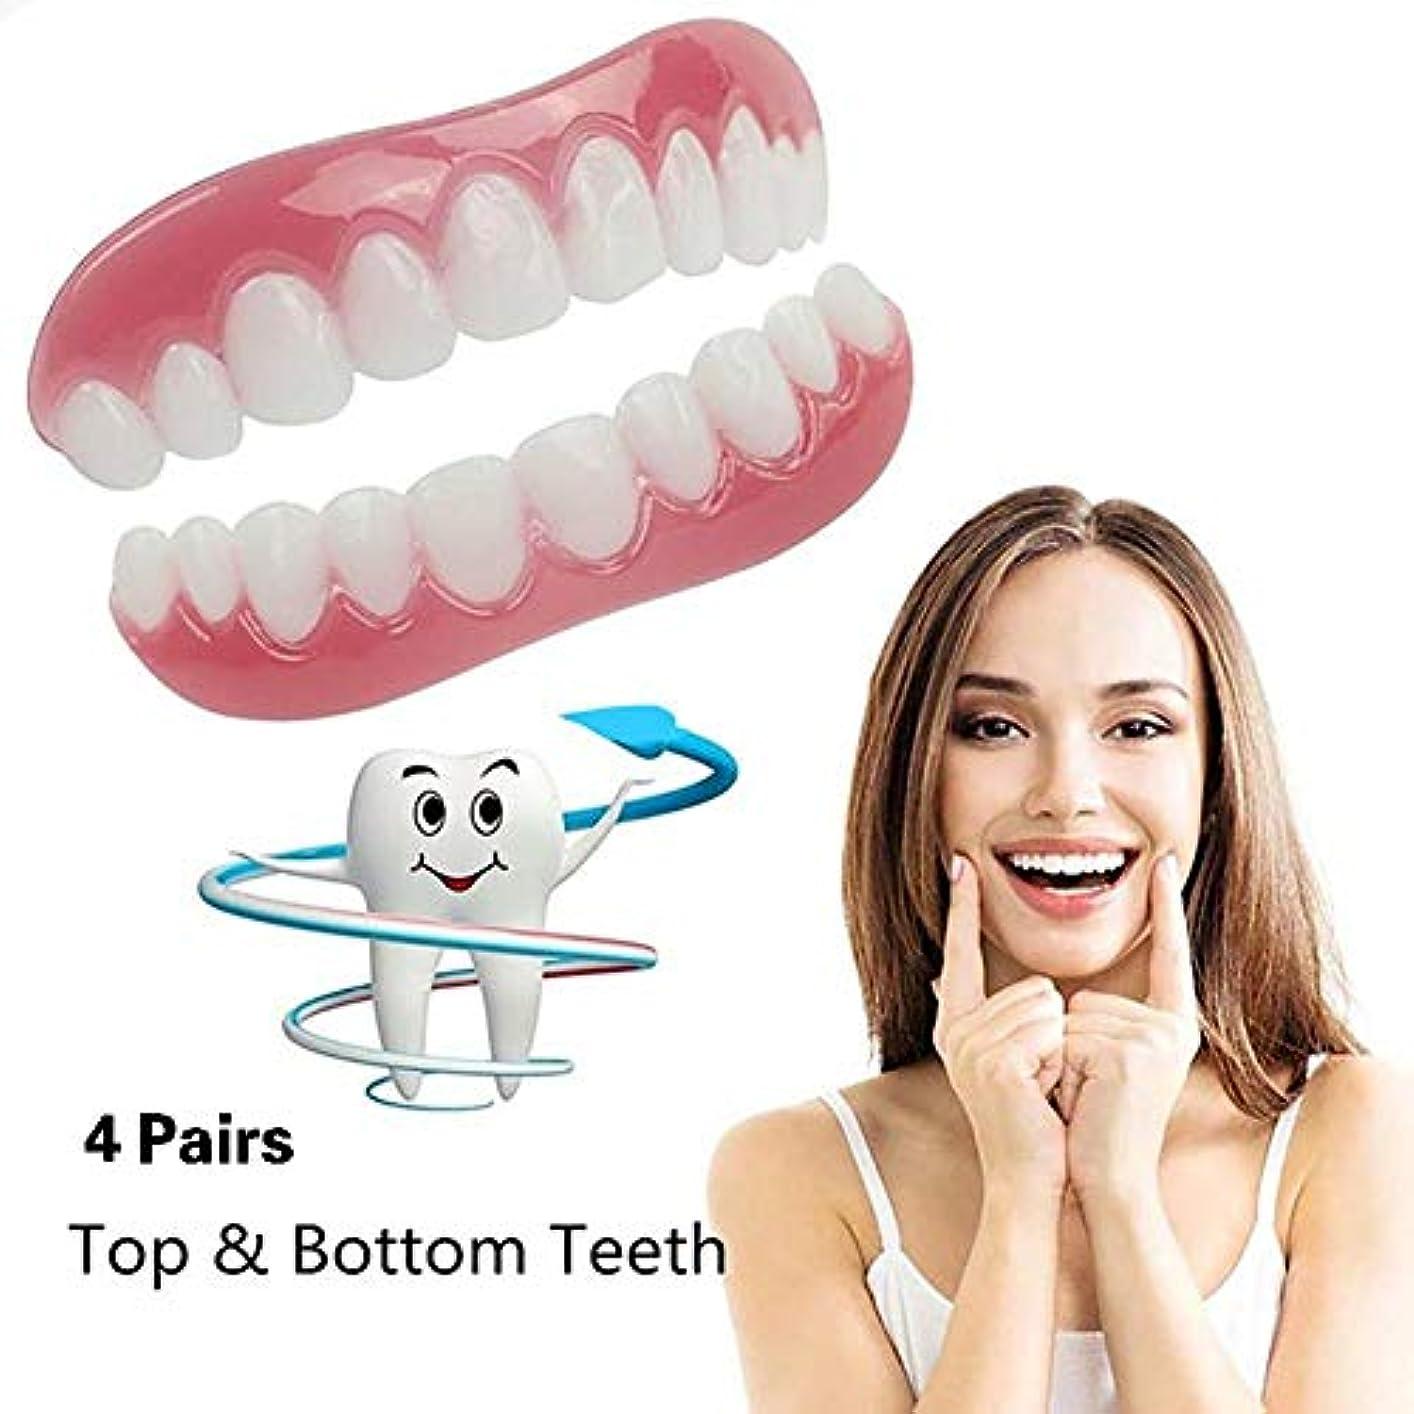 徐々に少年くつろぐシリコーンの歯のベニヤ化粧品の歯のスナップのしっかりとした上部の低い屈曲の歯科ベニヤ義歯のケアを白くする完全な歯1つのサイズに収まるすべて